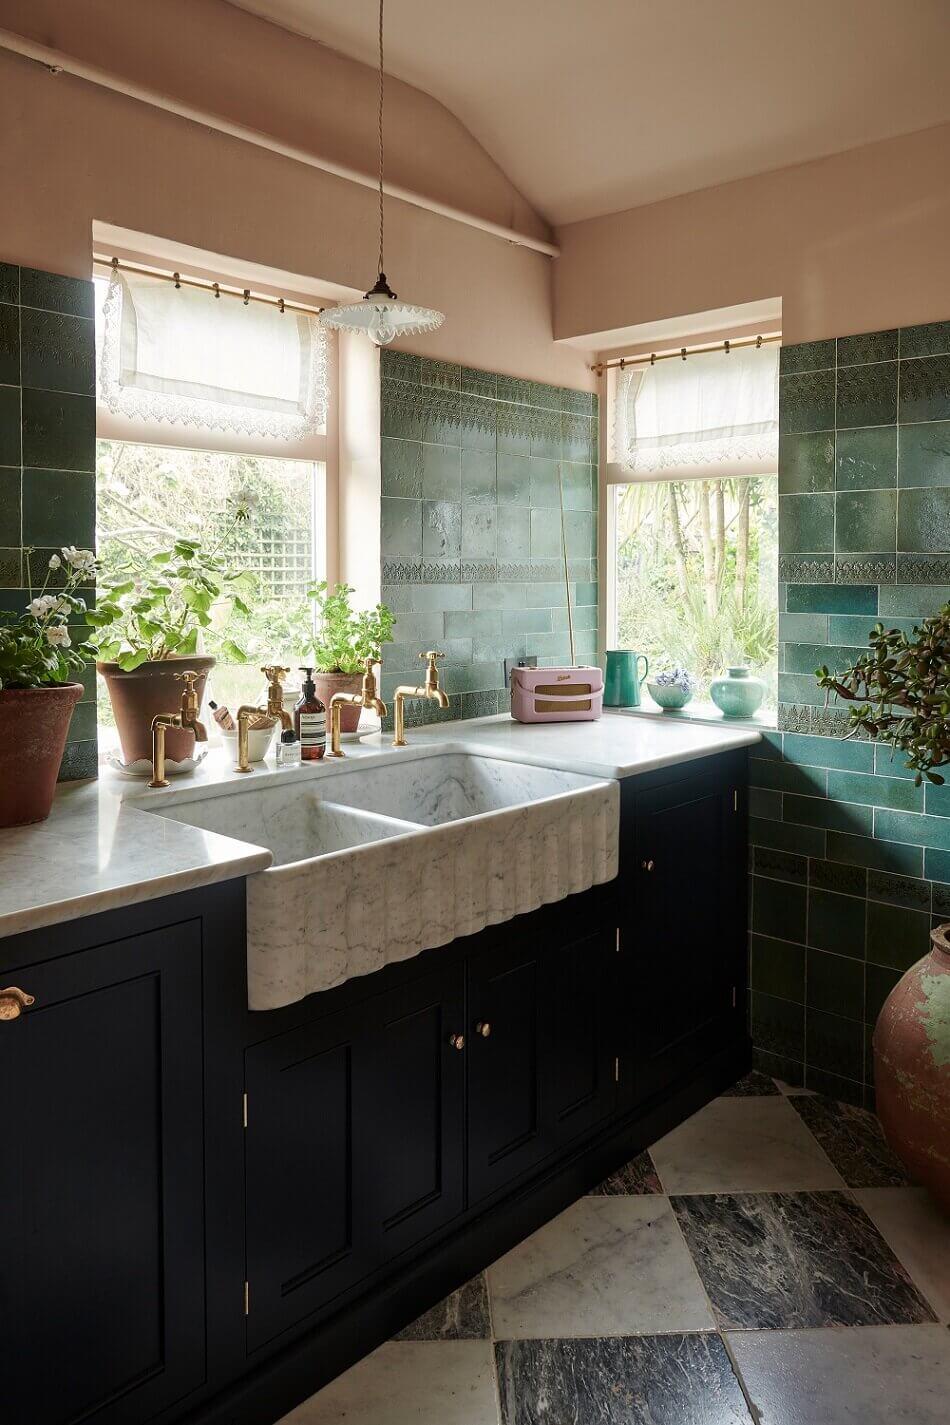 classic-devol-kitchen-mediterranean-colors-nordroom